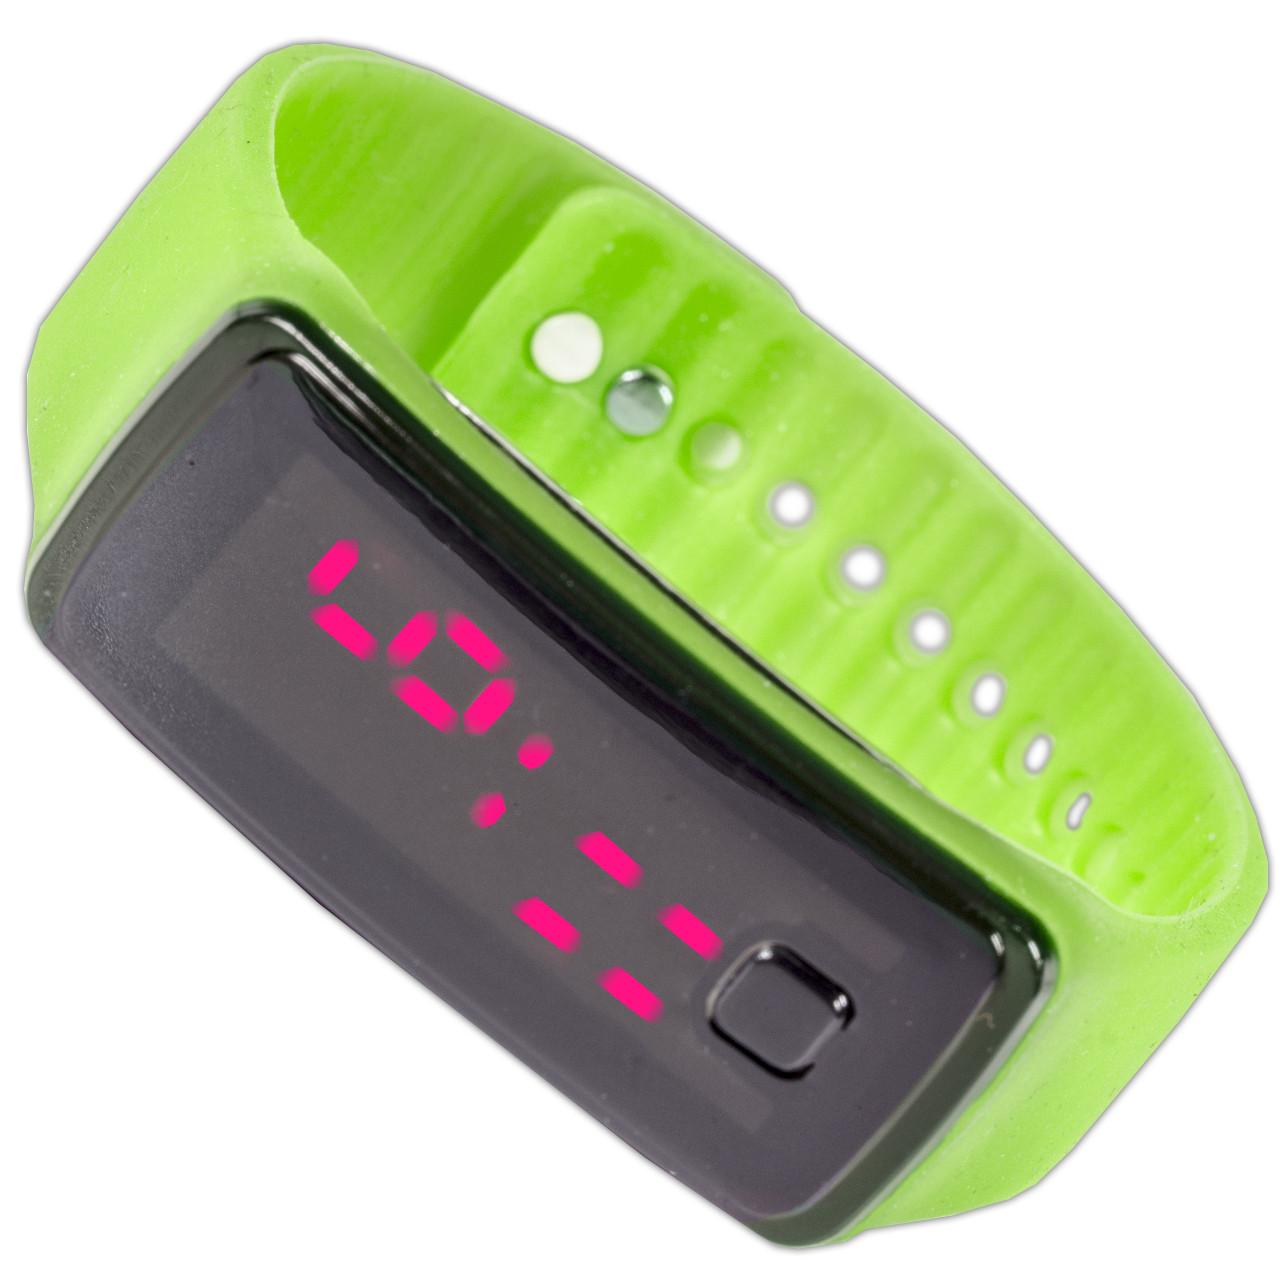 Компактные Lesko LED часы салатовые наручные для активного отдыха универсальные спортивные с ярким дисплеем - интернет-магазин Mobiloz (Мобилоз) в Киеве